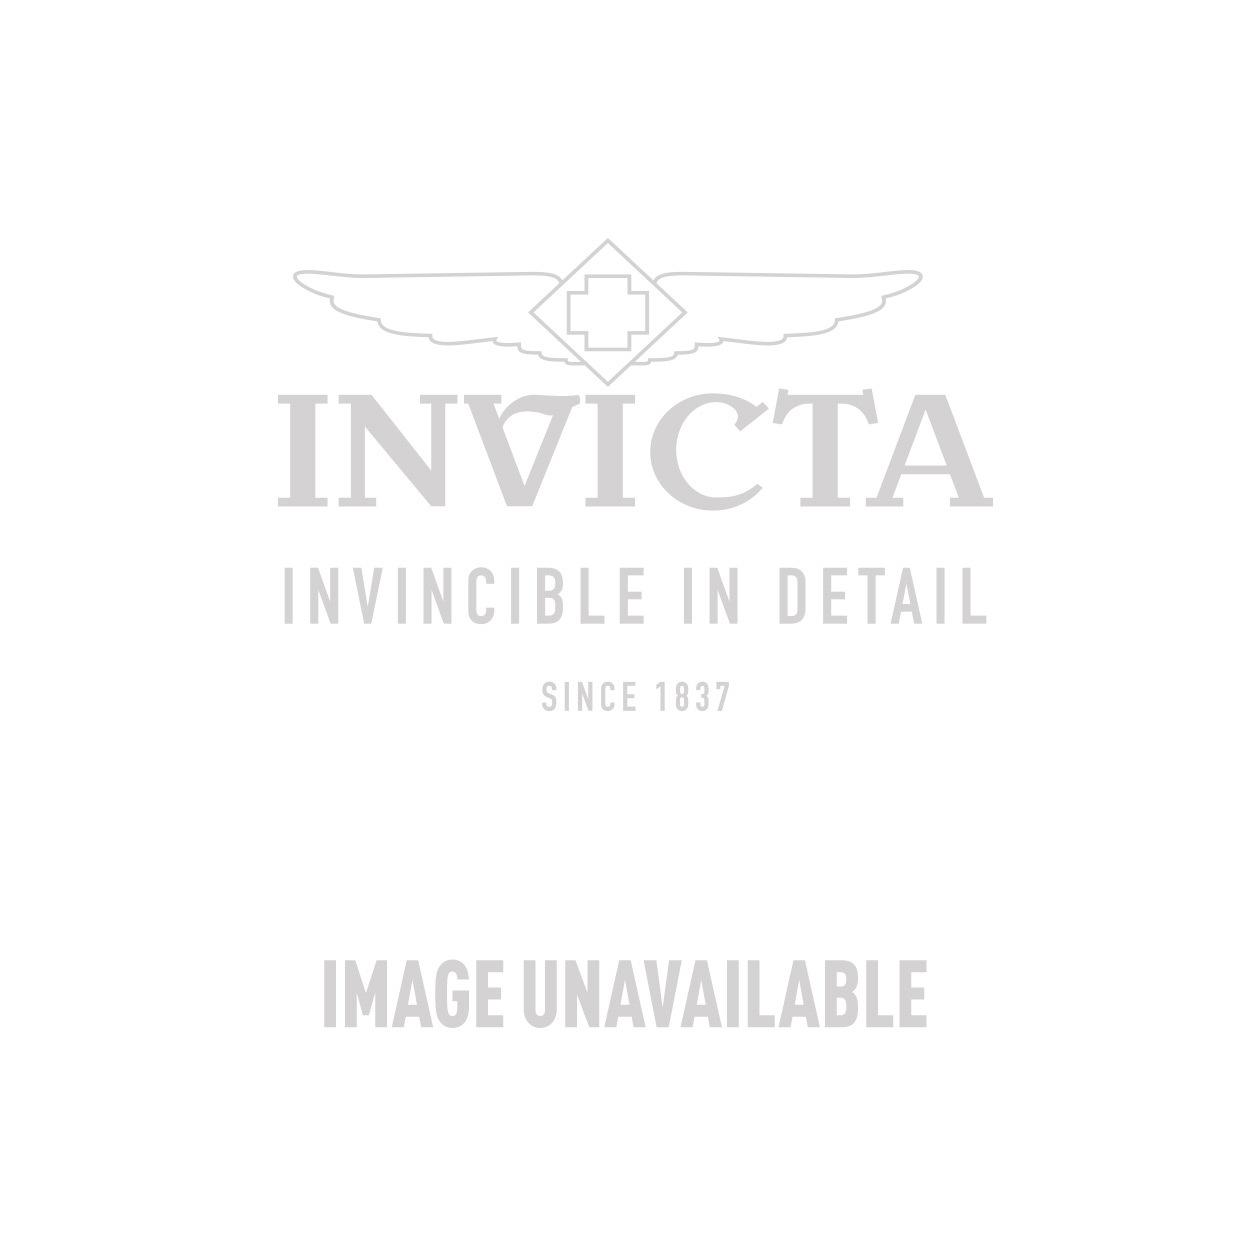 Invicta Model 29441